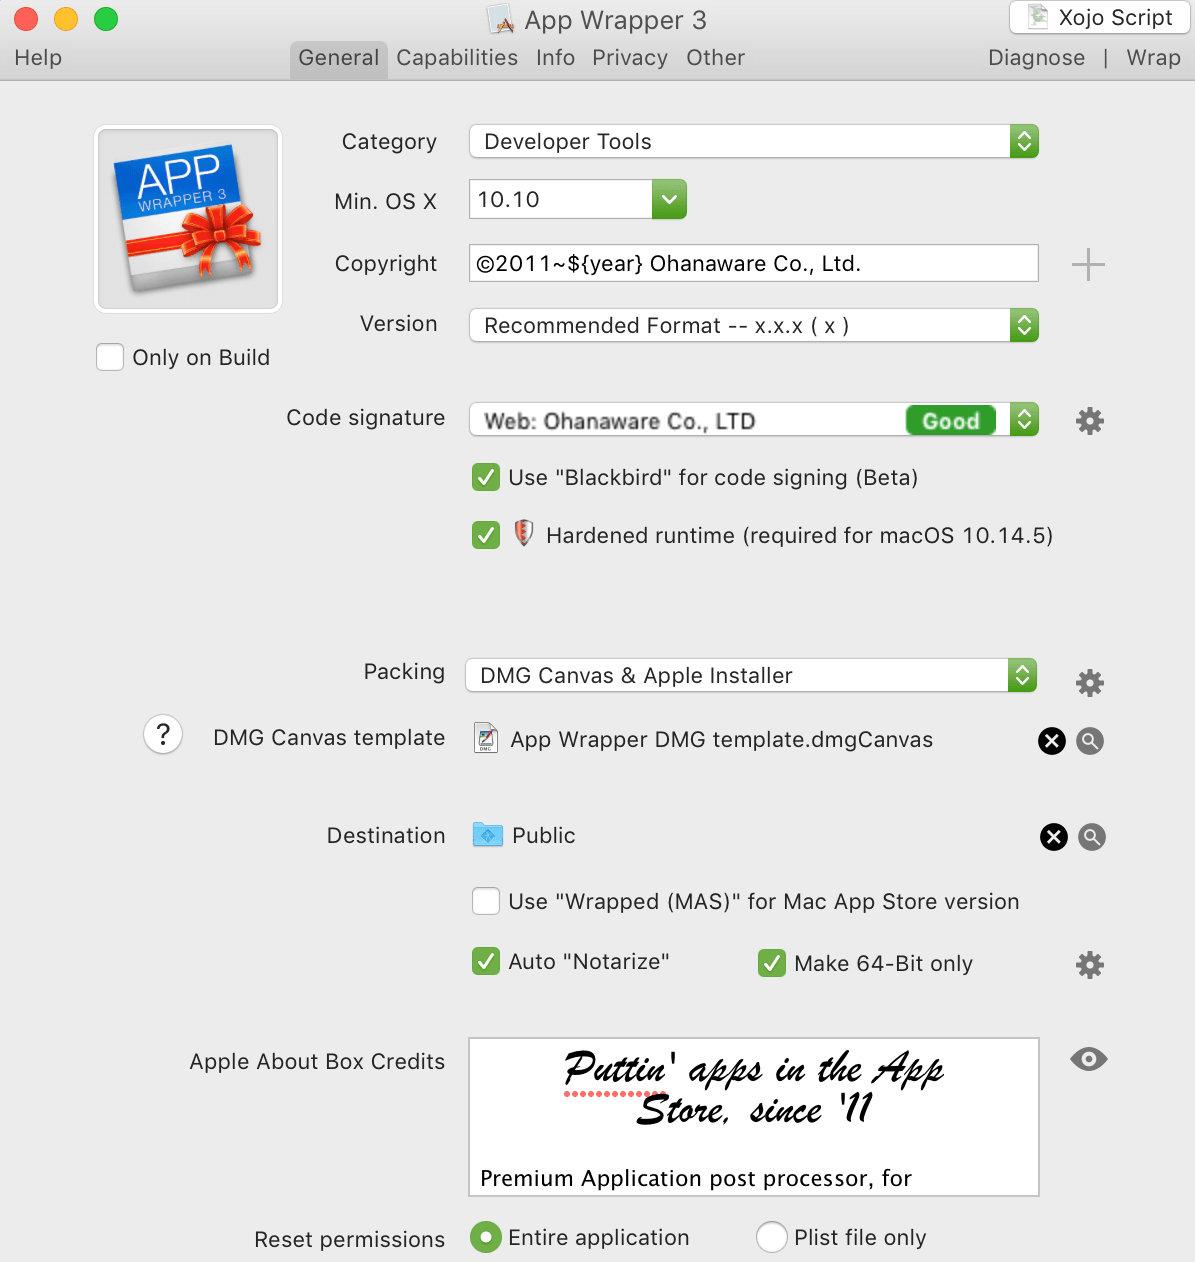 http://www.valentina-db.com/images/omegabundle/xojo2020/appwrapper3trimmed.jpg